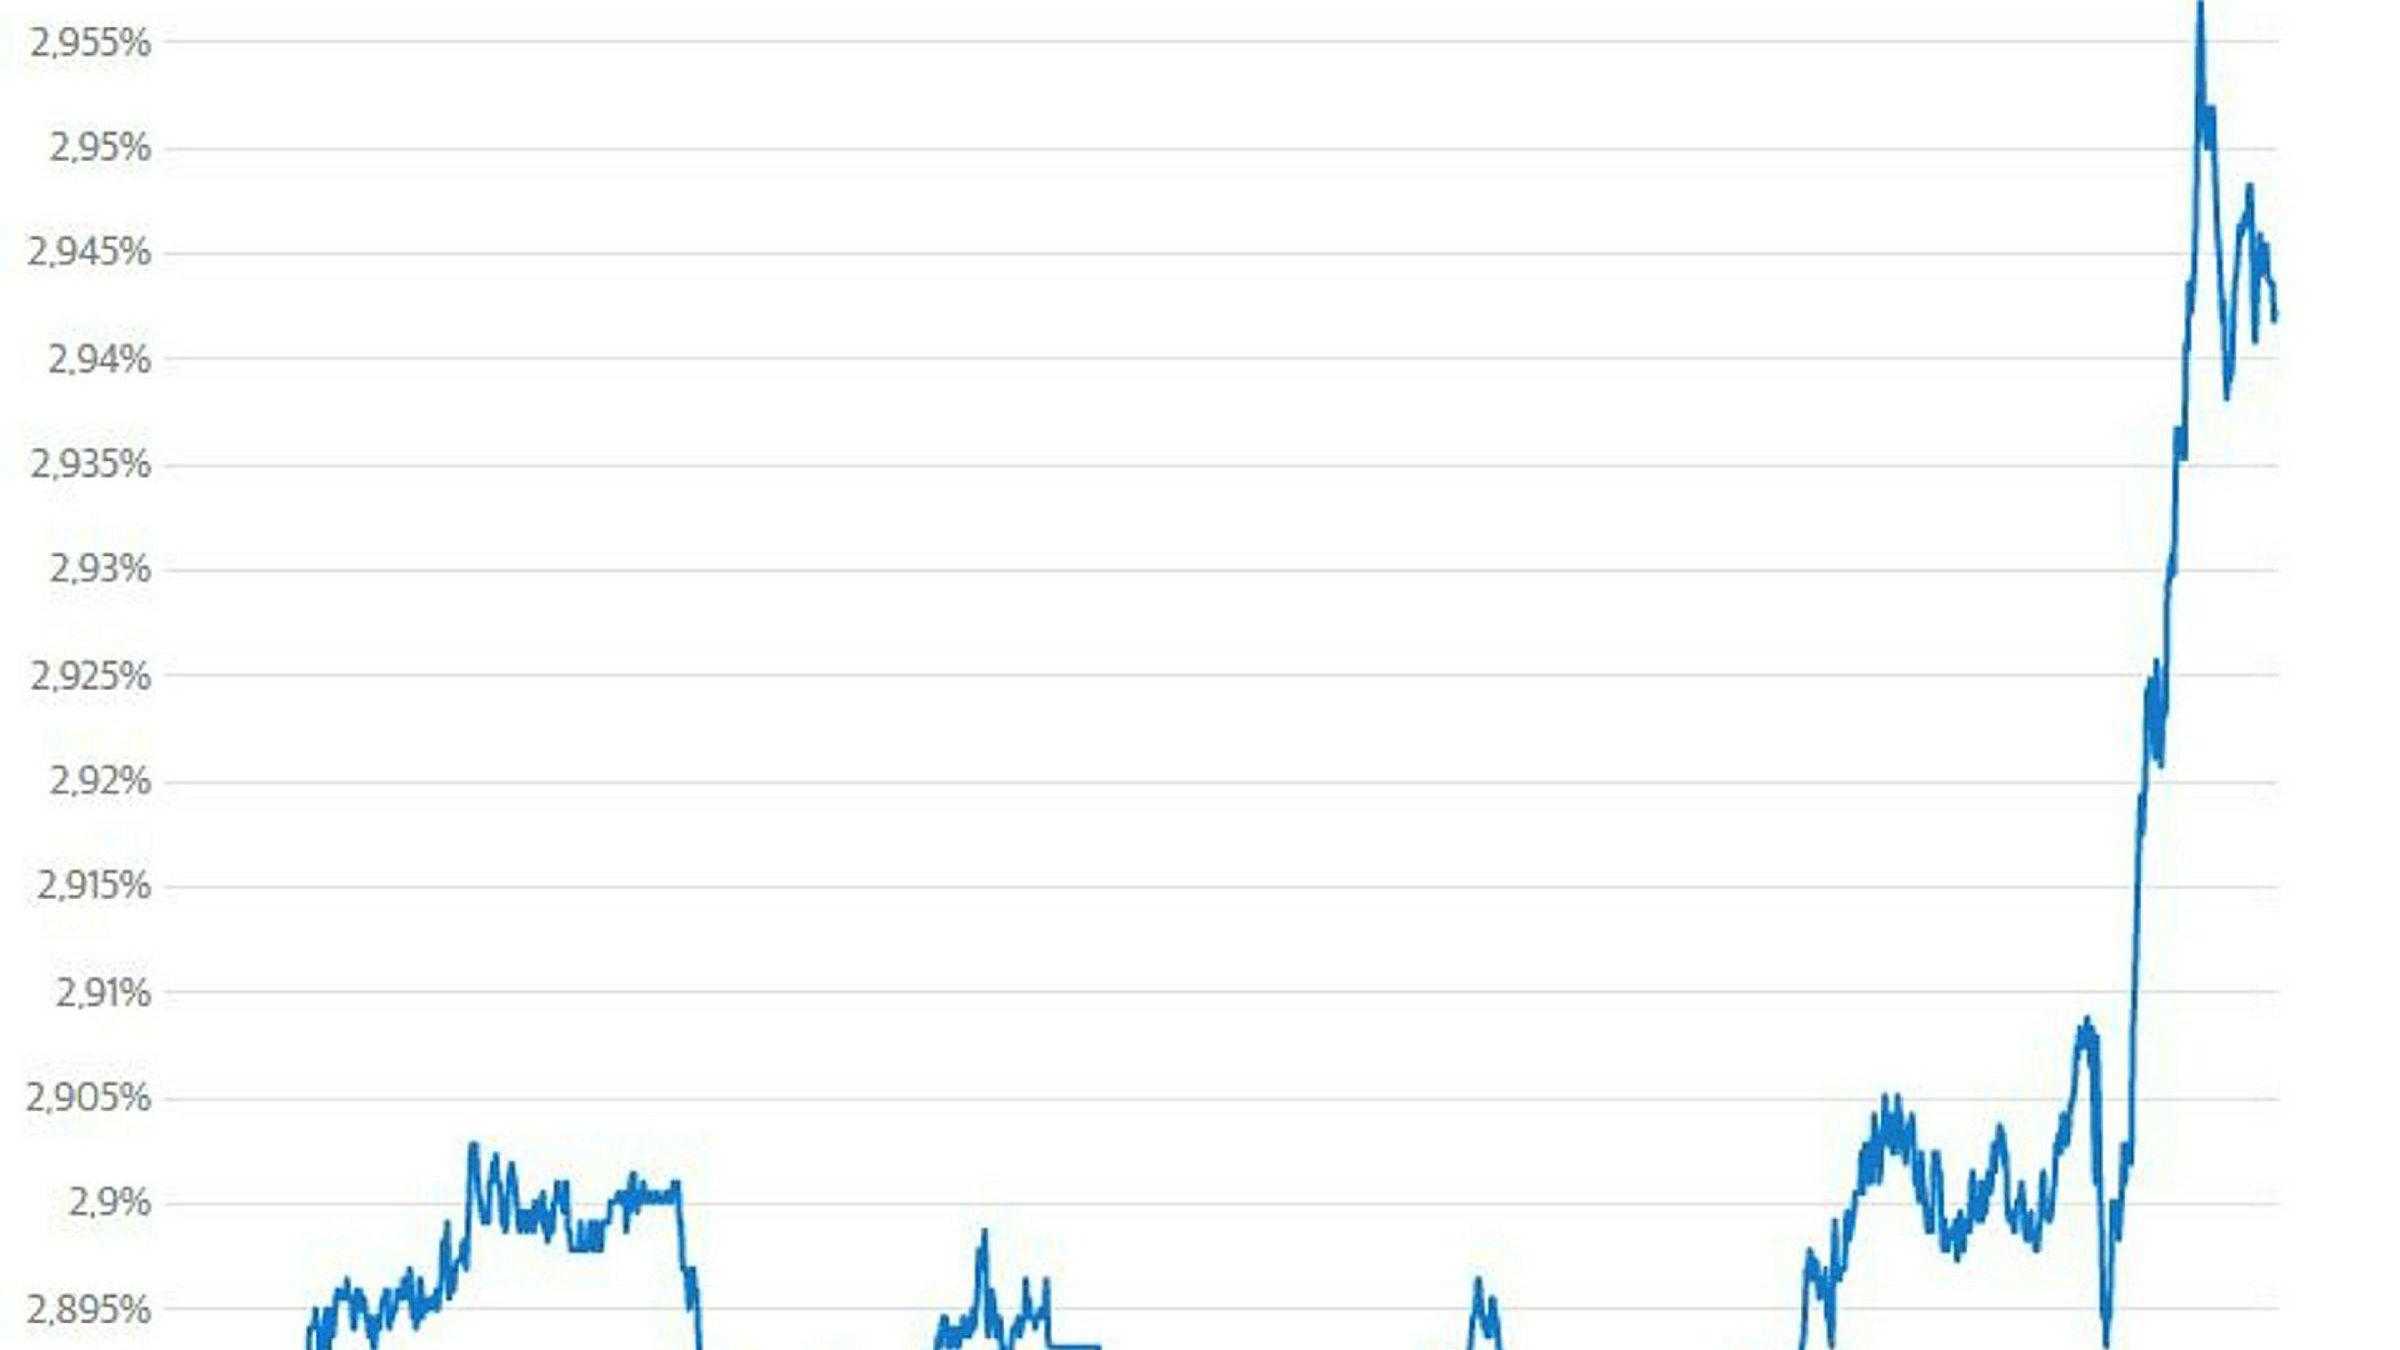 Renten på amerikansk statsgjeld med ti års løpetid steg onsdag kveld til det høyeste nivået på mer enn fire år. Renteoppgangen kom etter at referatet fra Federal Reserves forrige rentemøte viste at sentralbanken mener det vil være riktig å øke renten ytterligere dersom økonomien fortsetter å utvikle seg så sterkt som den venter.